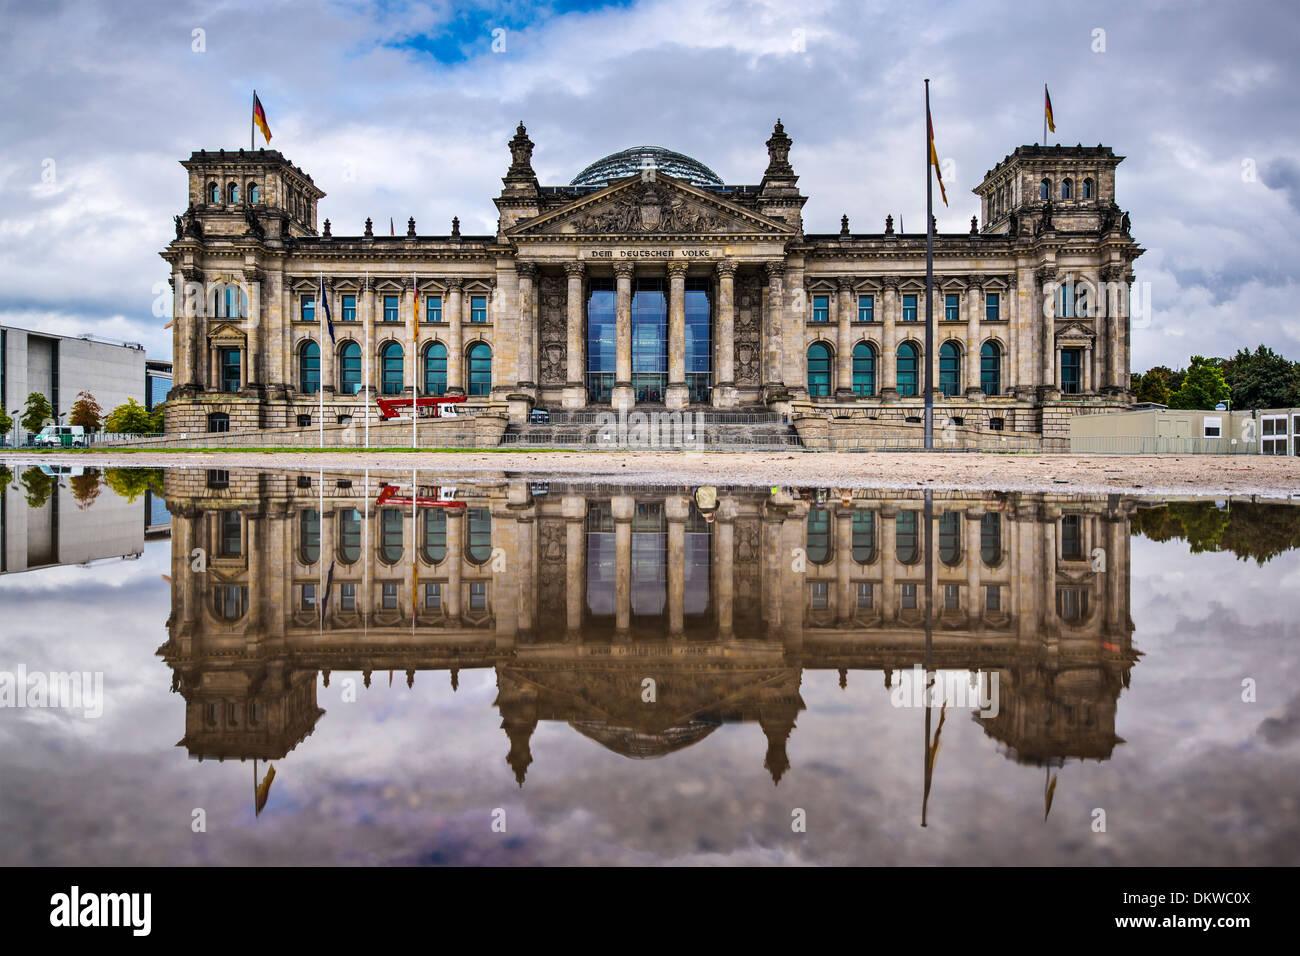 parlamentsgeb ude der deutsche reichstag in berlin deutschland stockfoto bild 63867802 alamy. Black Bedroom Furniture Sets. Home Design Ideas